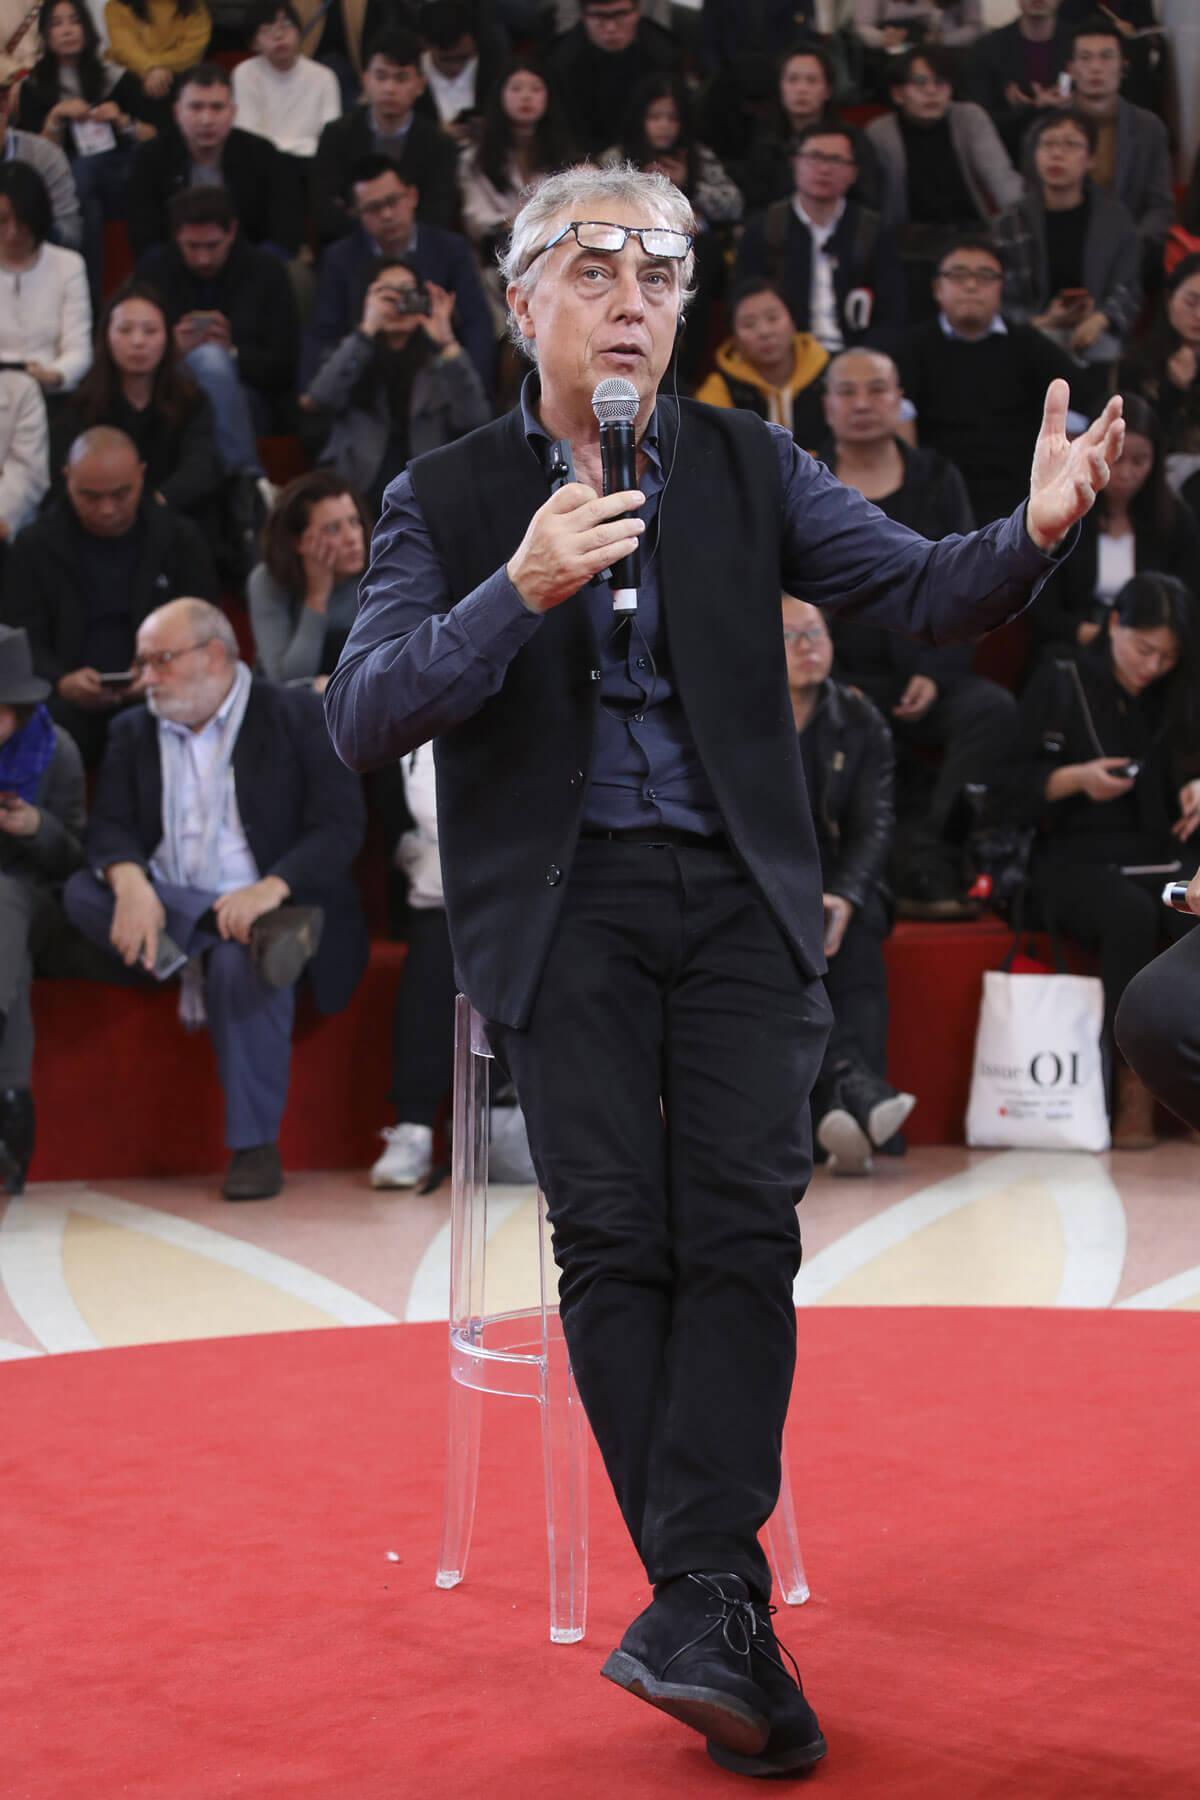 Stefano Boeri, Presidente Triennale di Milano